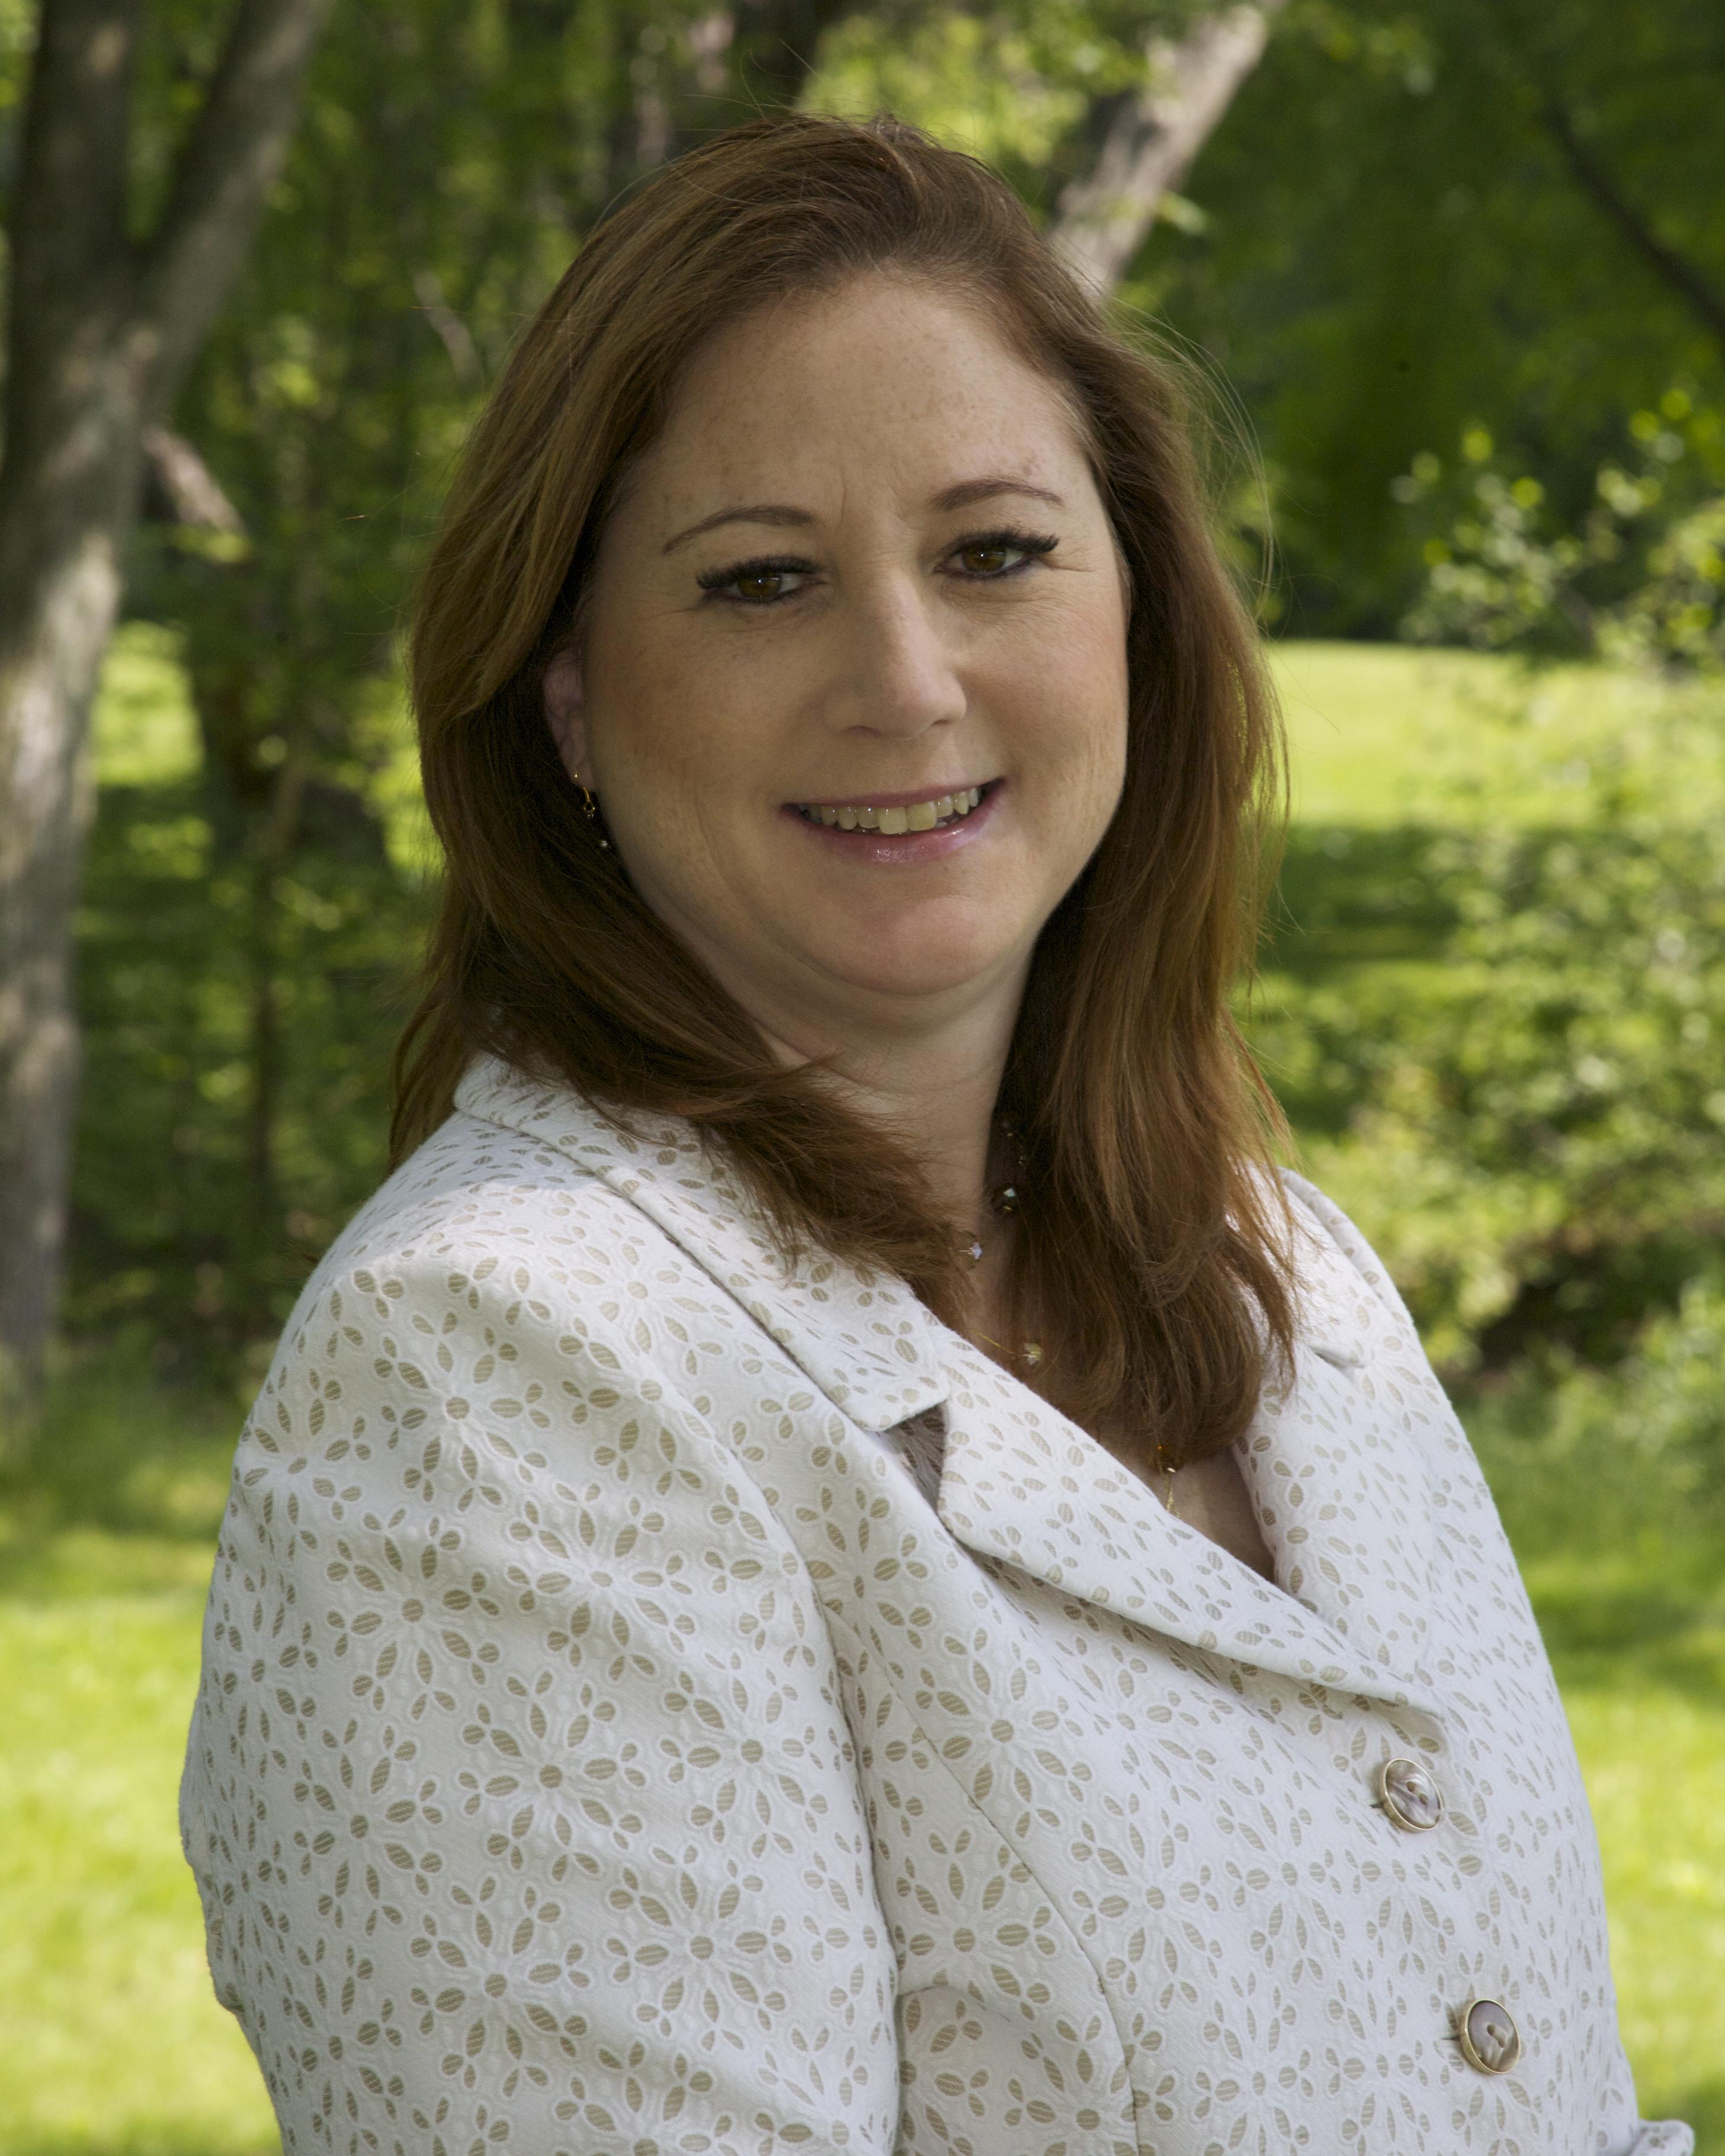 Mary Iovine